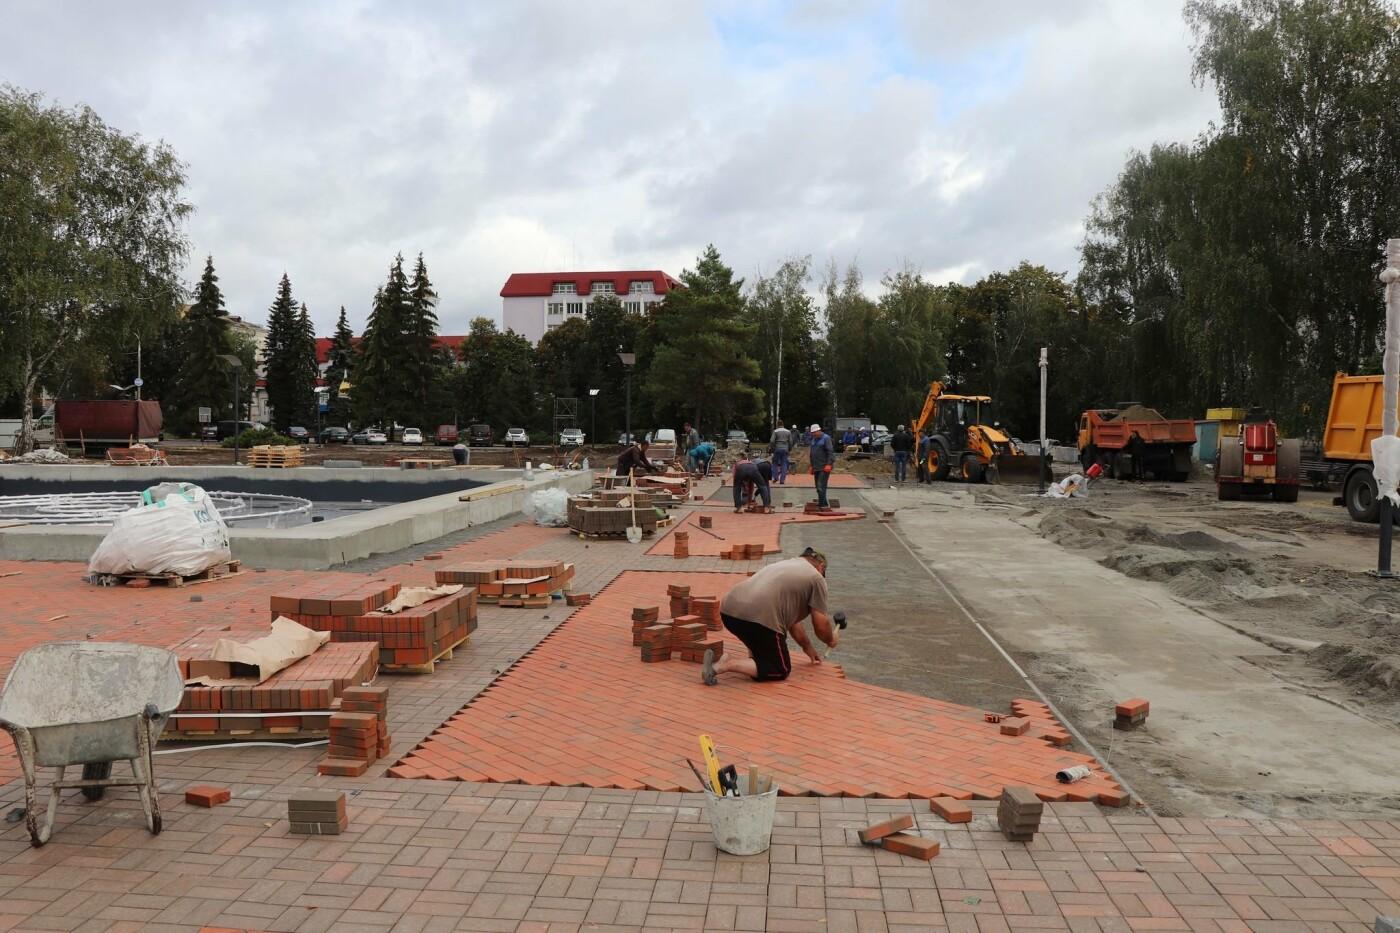 Олександр Лисенко: Роботи з реконструкції Театральної площі тримаю на особистому контролі, фото-3